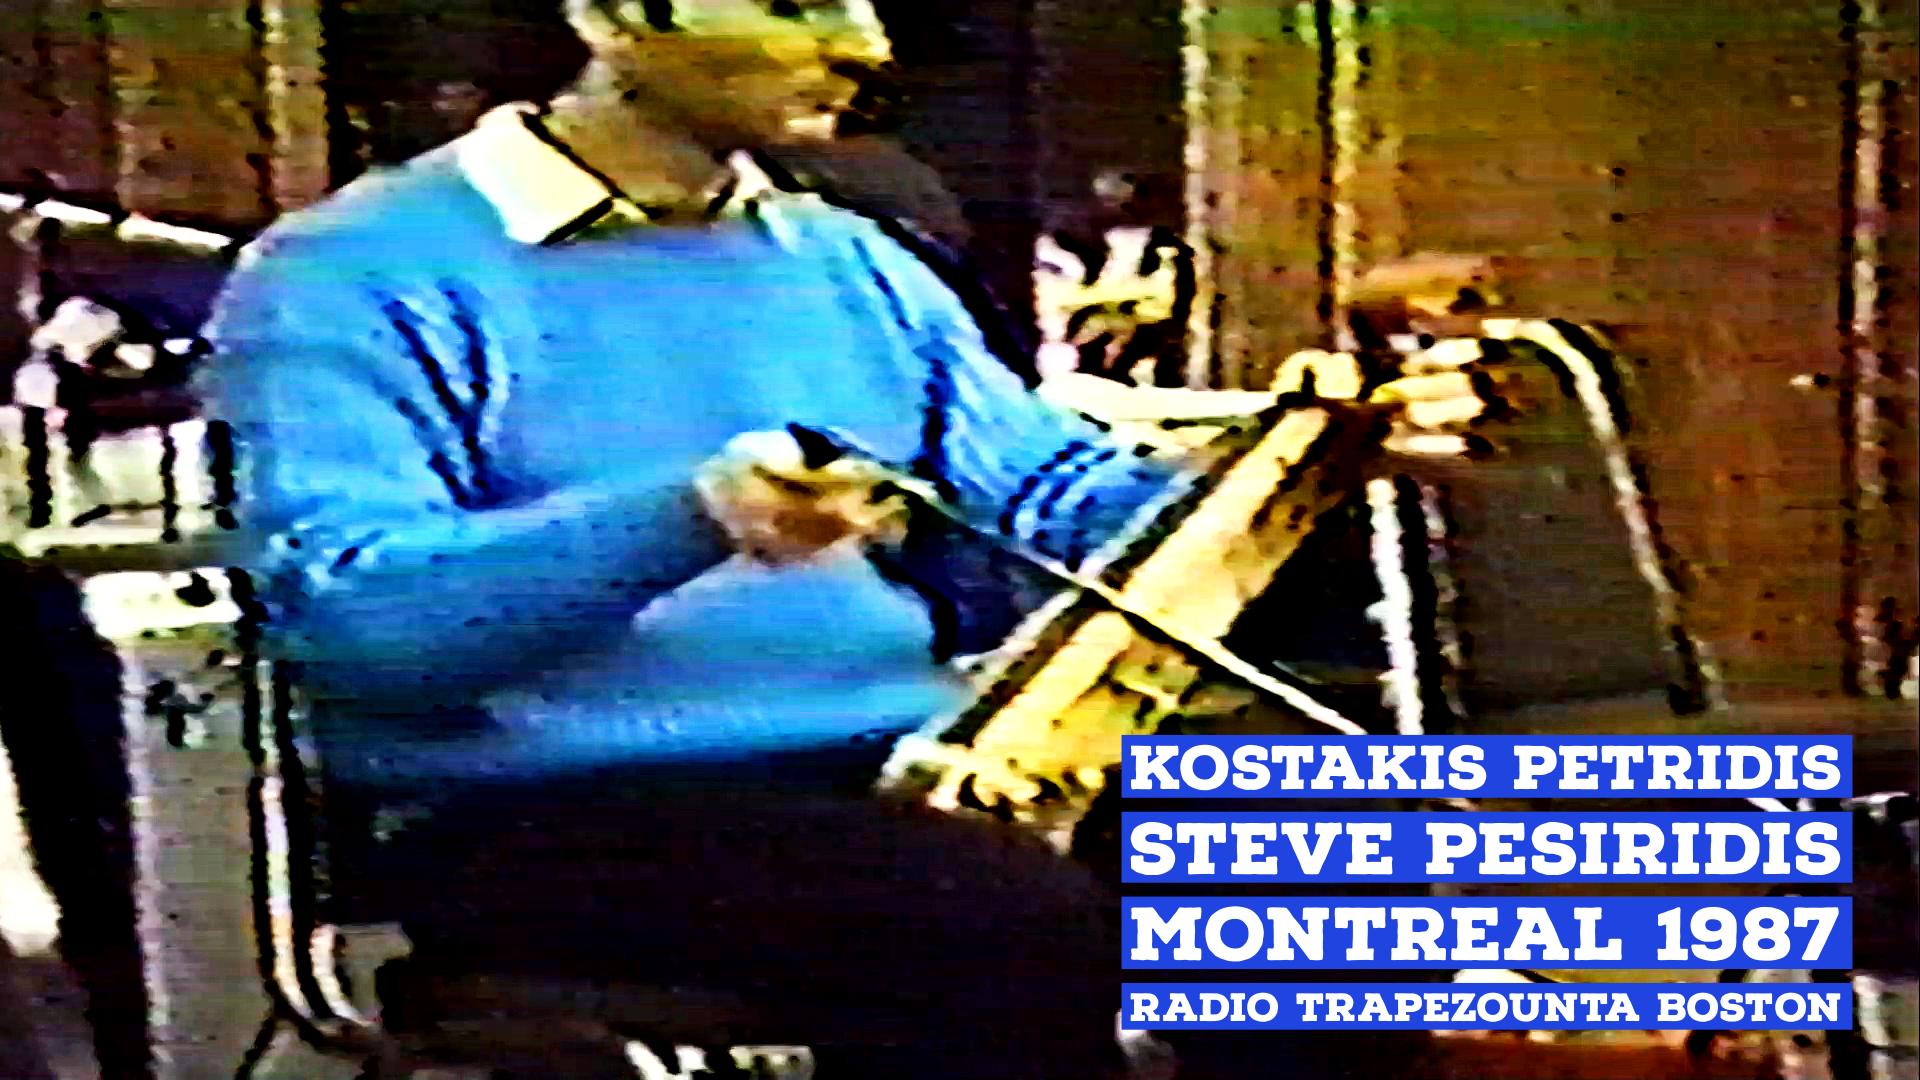 Κωστάκης Πετρίδης - Στήβ Πεσιρίδης Μόντρεαλ 1987 || Kostas Petridis - Steve Pesiridis Montreal 1987